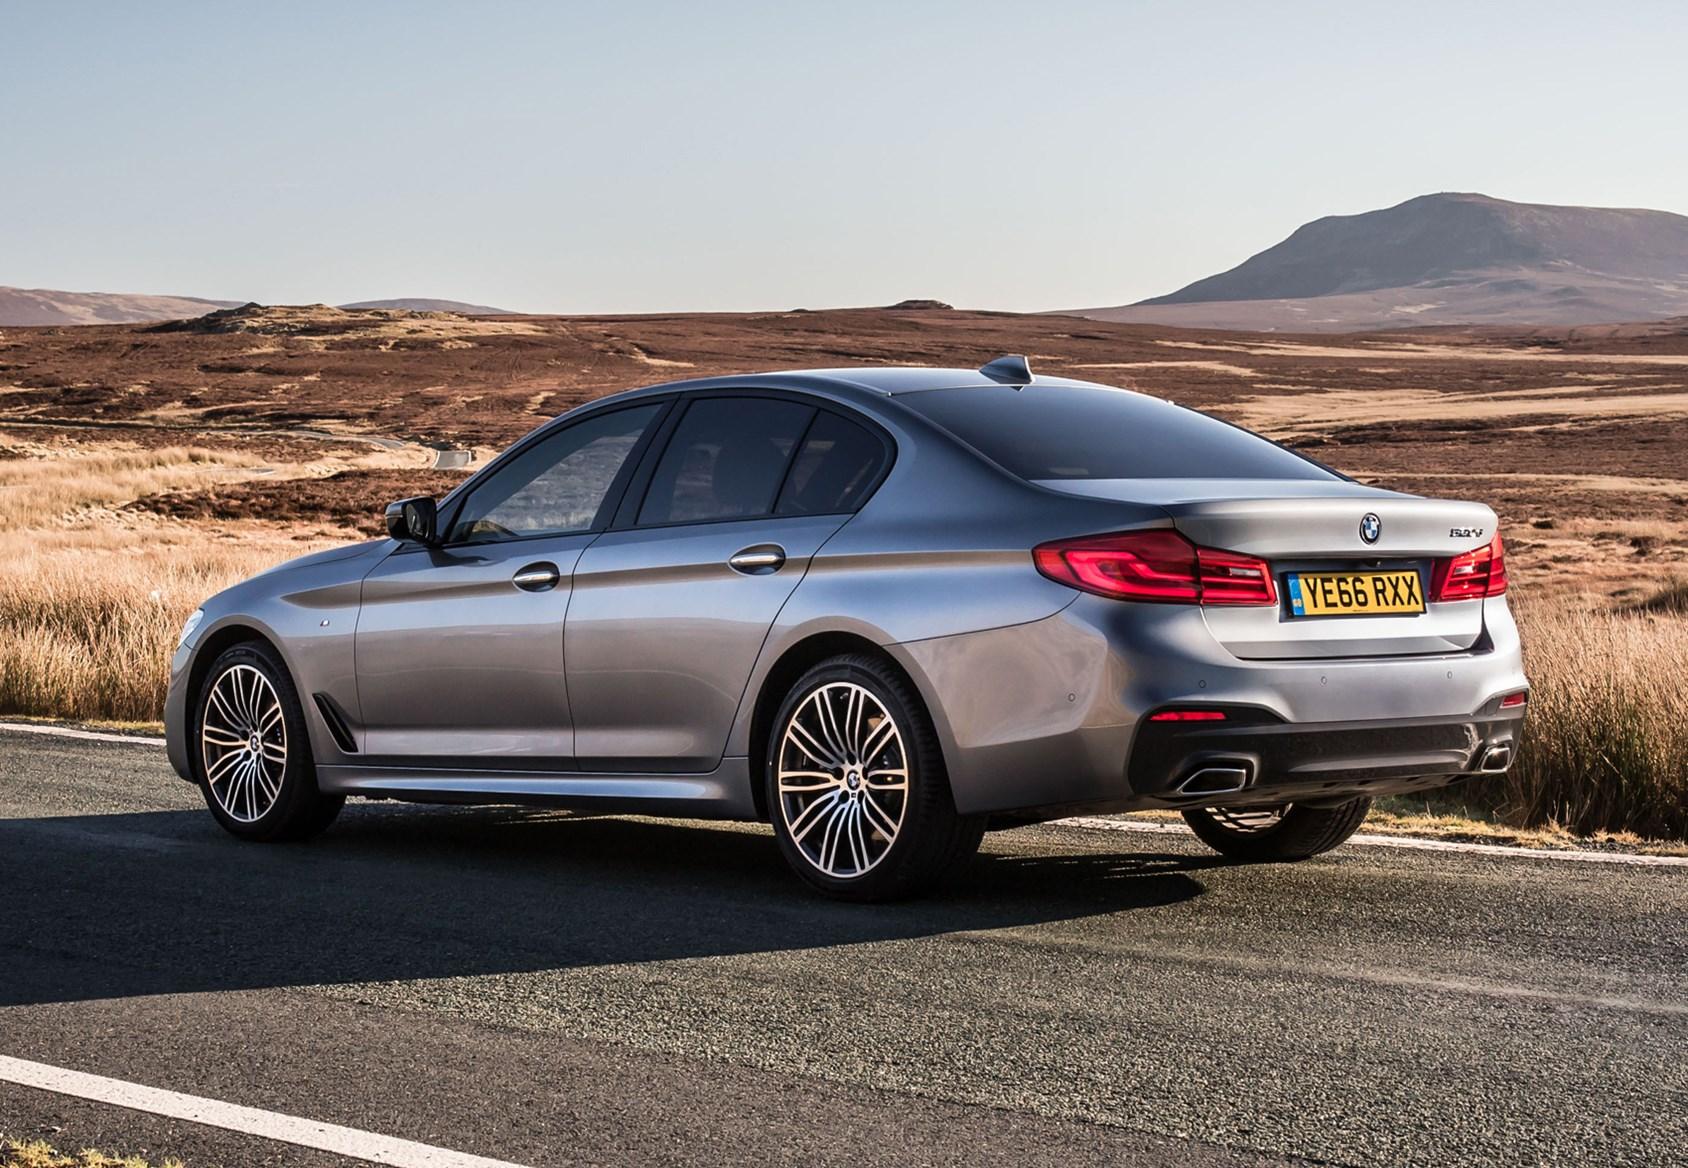 2016 Silver BMW 5 Series